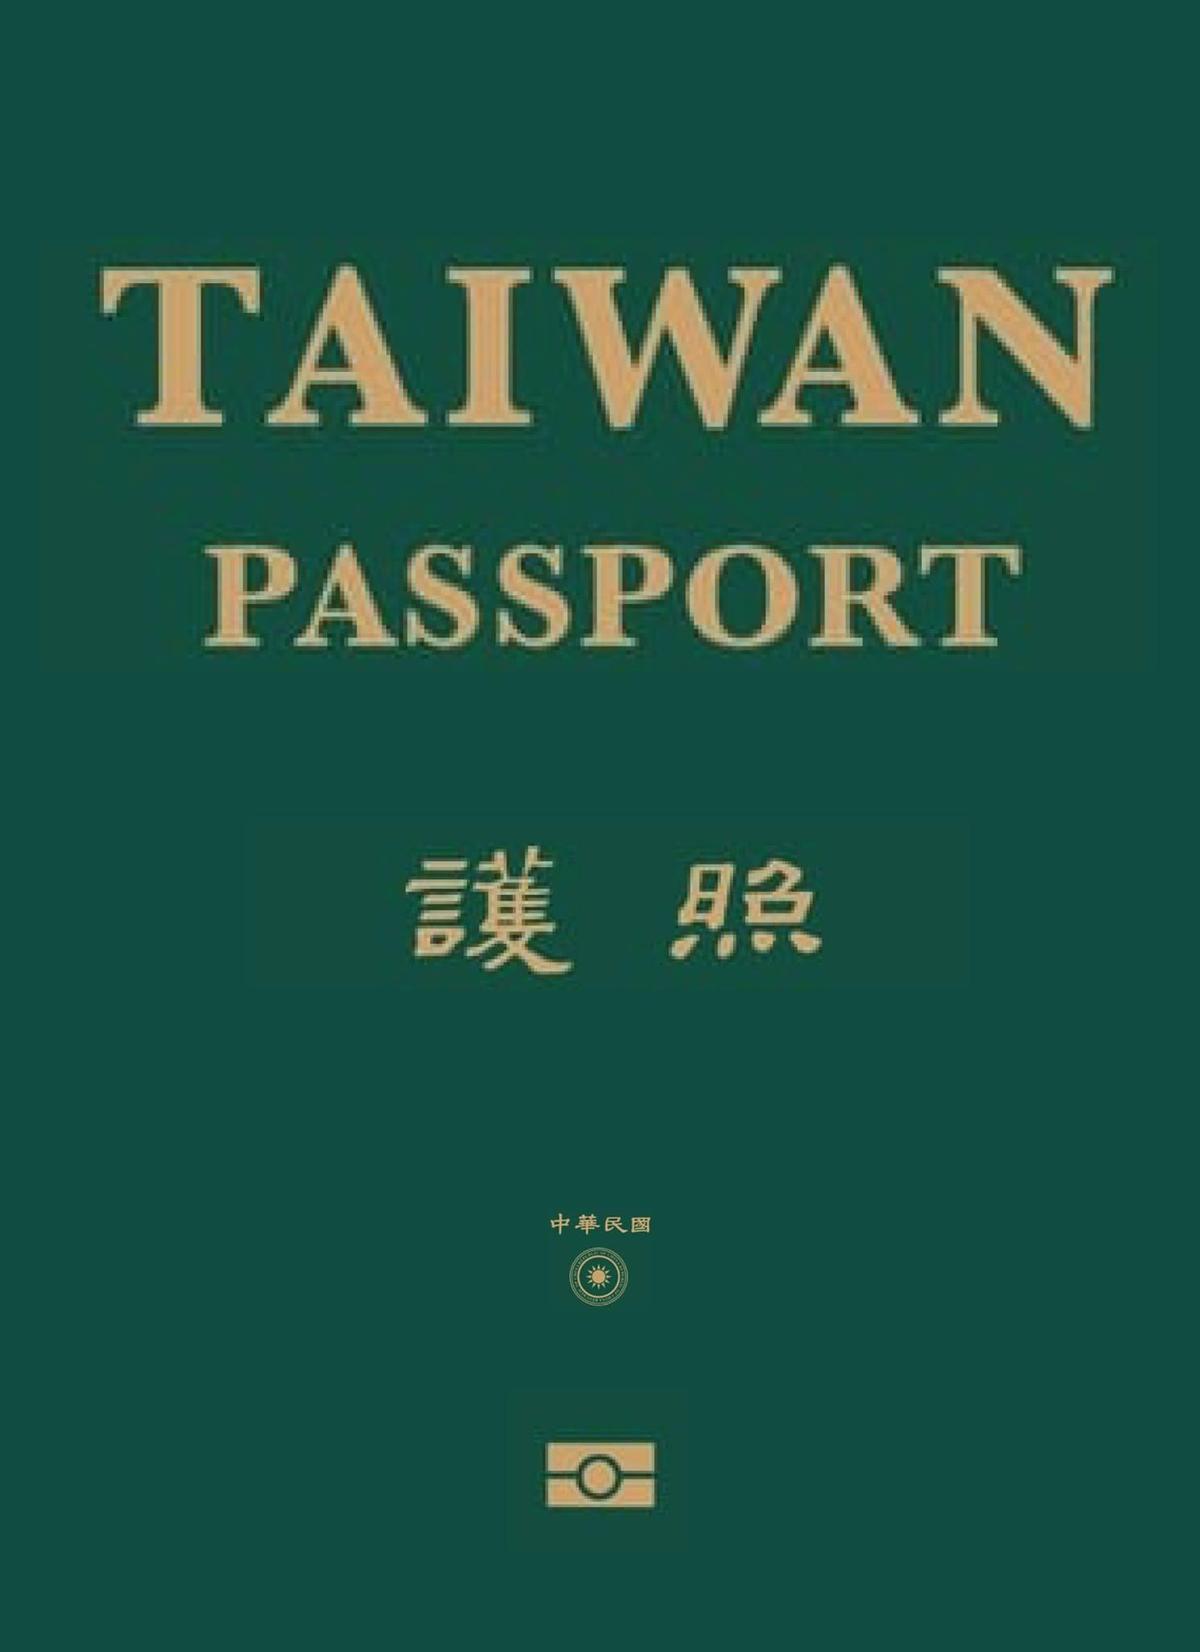 臉書粉專「小聖蚊的治國日記」戲稱改版後的護照是「放大縮小遊戲」,並放圖諷刺。(翻攝自「小聖蚊的治國日記」臉書粉專)